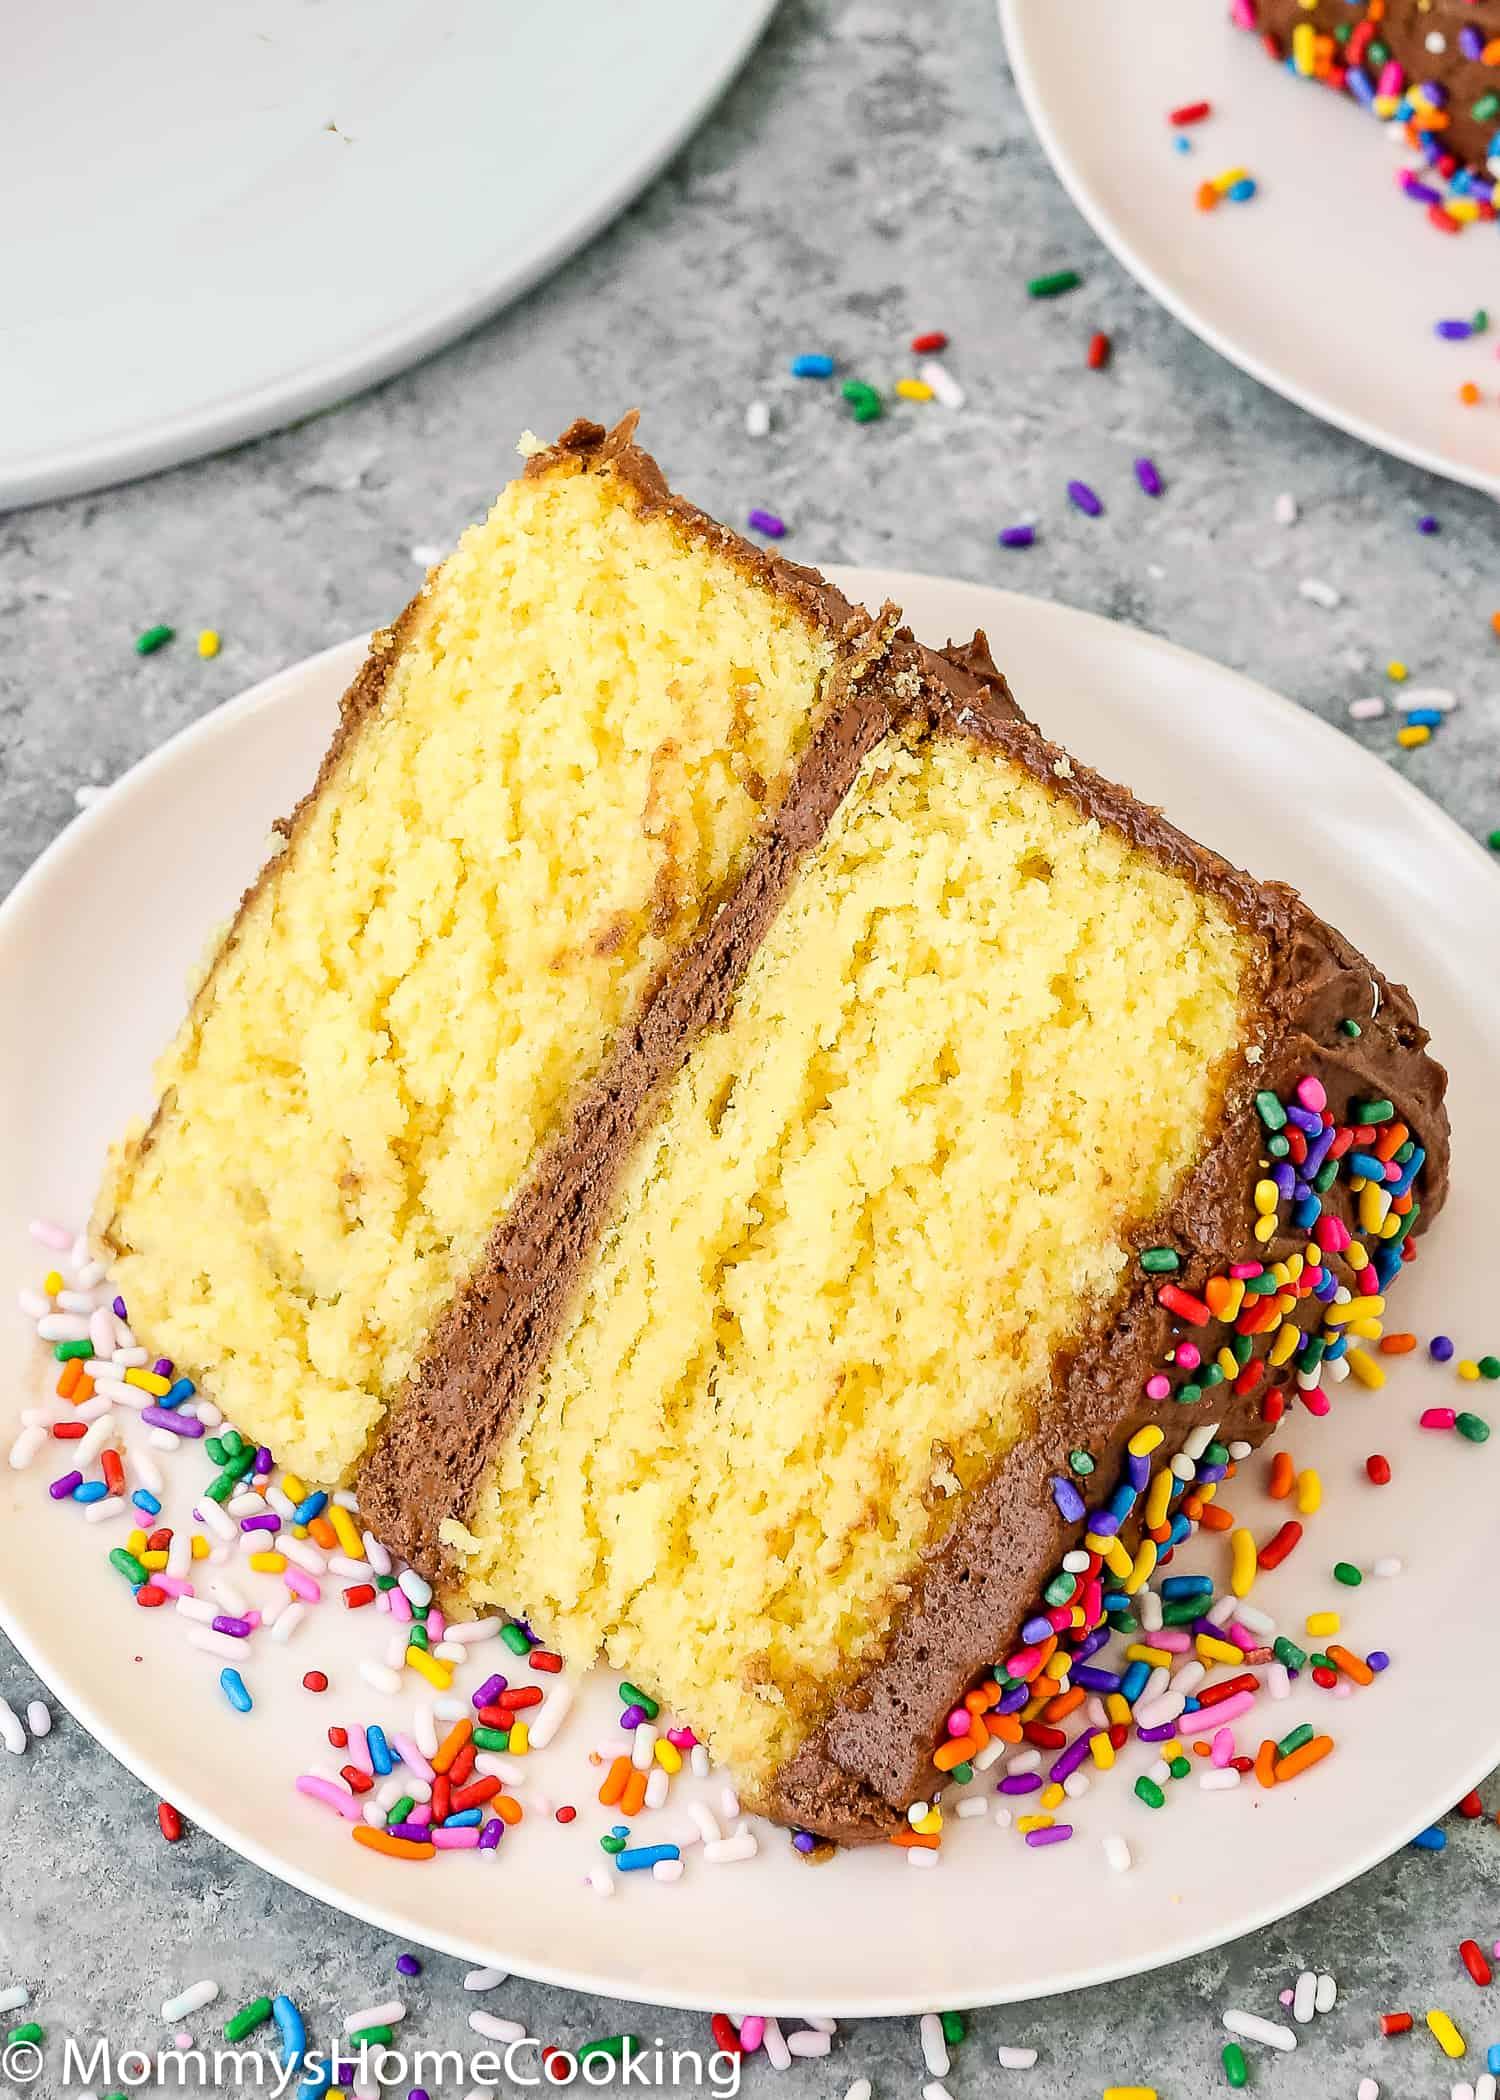 """Est-ce que vous ou quelqu'un que vous aimez êtes allergique aux œufs? Ou avez-vous juste manqué d'œufs? Ne paniquez pas! Vous pouvez toujours faire ce gâteau en boîte dont vous avez envie. Apprenez mon astuce sur comment faire une boîte de mélange de gâteau sans oeufs. Pratique pur et incroyablement délicieux! https://mommyshomecooking.com """"width ="""" 750 """"height ="""" 1050 """"srcset ="""" https://mommyshomecooking.com/wp-content/uploads/2018/05/How-to-Make-a-Cake-Mix -Box-without-Eggs-10.jpg 1500w, https://mommyshomecooking.com/wp-content/uploads/2018/05/How-tur-Make-a-Cake-Mix-Box-without-Eggs-10- 214x300.jpg 214w, https://mommyshomecooking.com/wp-content/uploads/2018/05/How-take-Make-a-Cake-Mix-Box-without-Eggs-10-768x1075.jpg 768w, https: //mommyshomecooking.com/wp-content/uploads/2018/05/How-take-make-a-Cake-Mix-Box-without-Eggs-10-700x980.jpg 700w """"tailles ="""" (largeur maximale: 750px ) 100vw, 750px"""